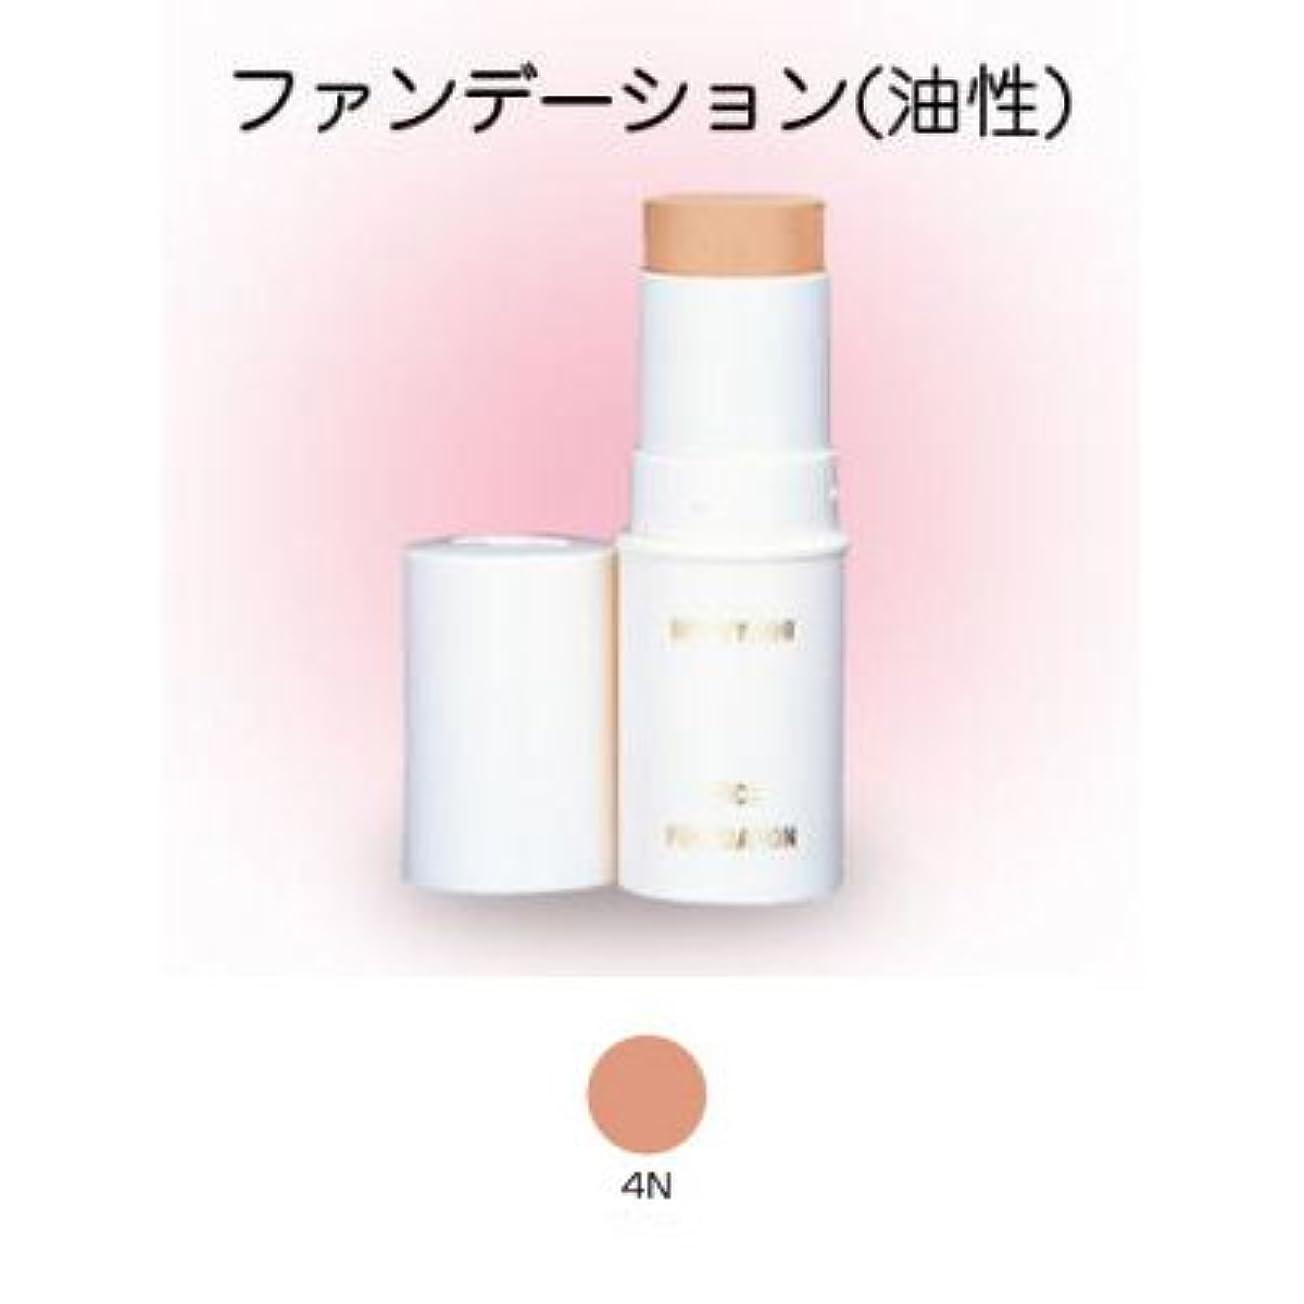 上下する小麦愛情スティックファンデーション 16g 4N 【三善】